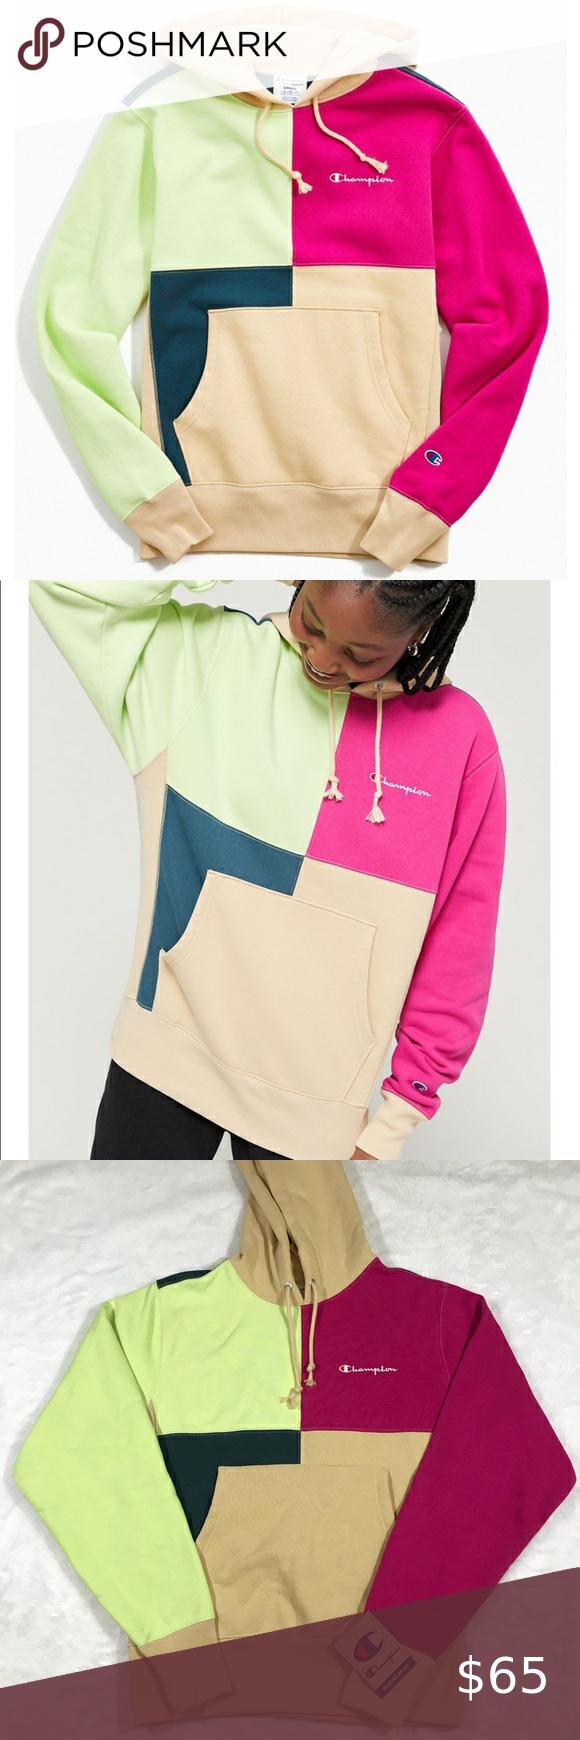 Nwt Champion Colorblock Hoodie Sweatshirt Green S Nwt Champion Hoodie Small Colorblock Color Block Patchwork Patch Patch Sweatshirts Hoodie Sweatshirts Hoodies [ 1740 x 580 Pixel ]